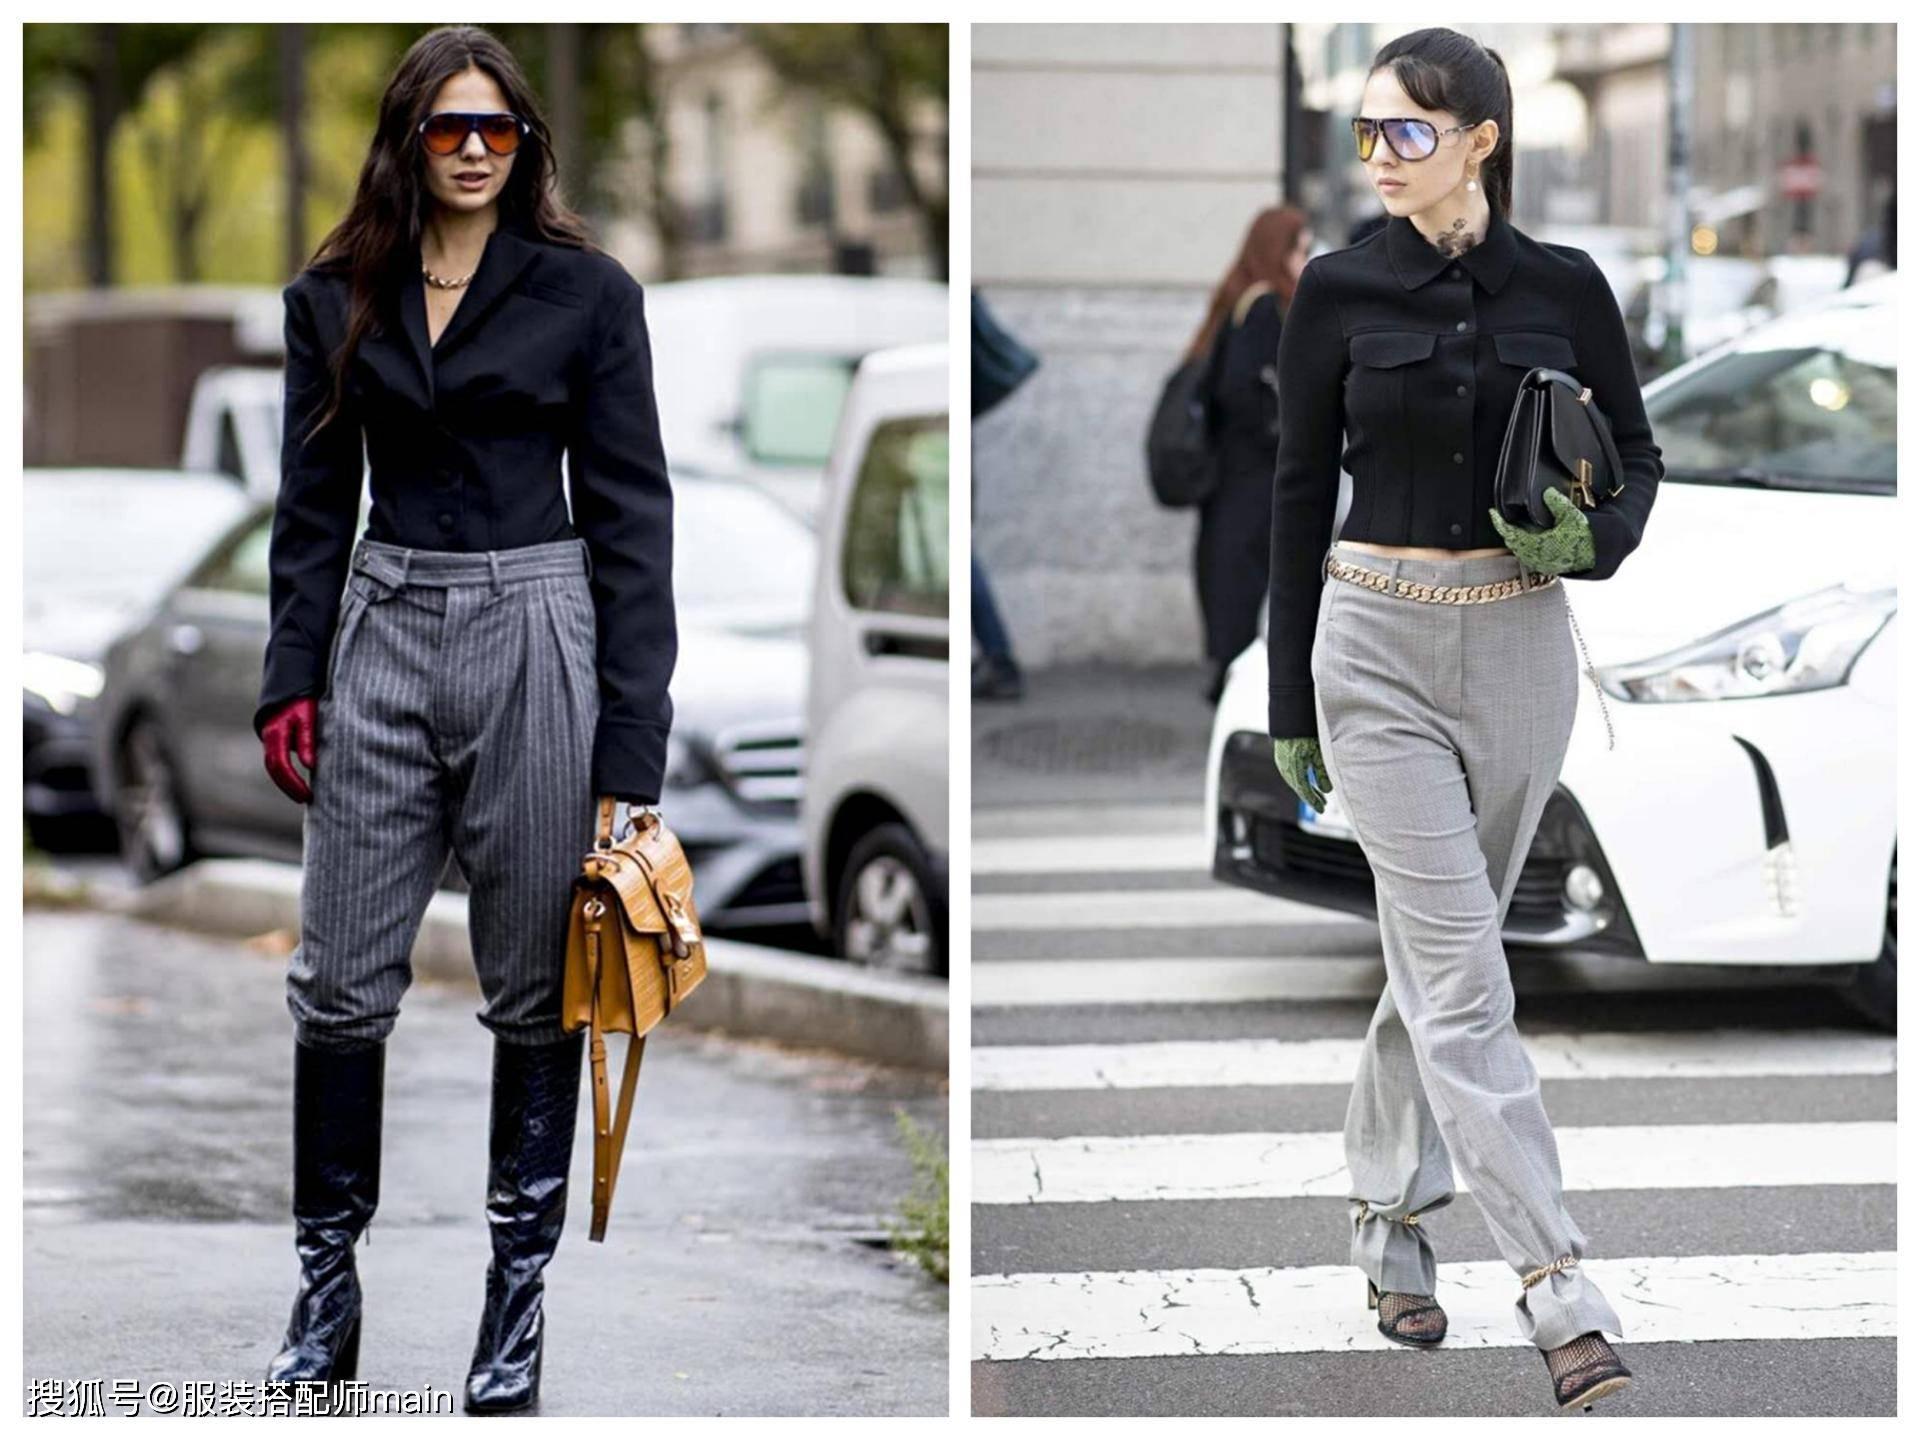 灰色裤子适合搭什么颜色上衣?推荐这4种,气质优雅又高级